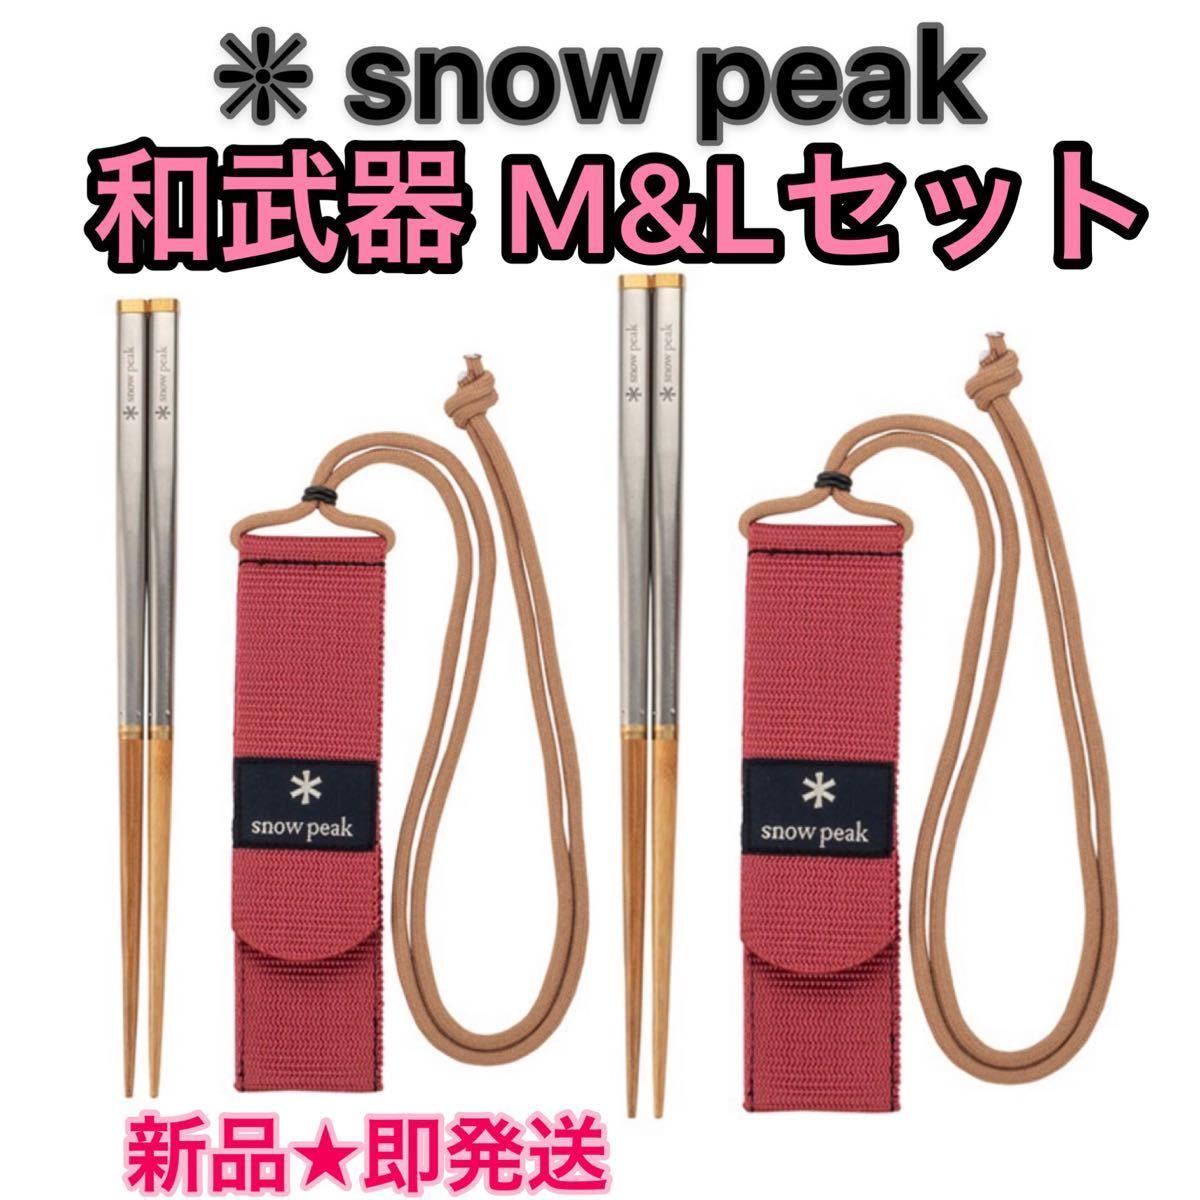 ★ スノーピーク snowpeak 和武器 M & Lセット★ お箸★ 【新品】